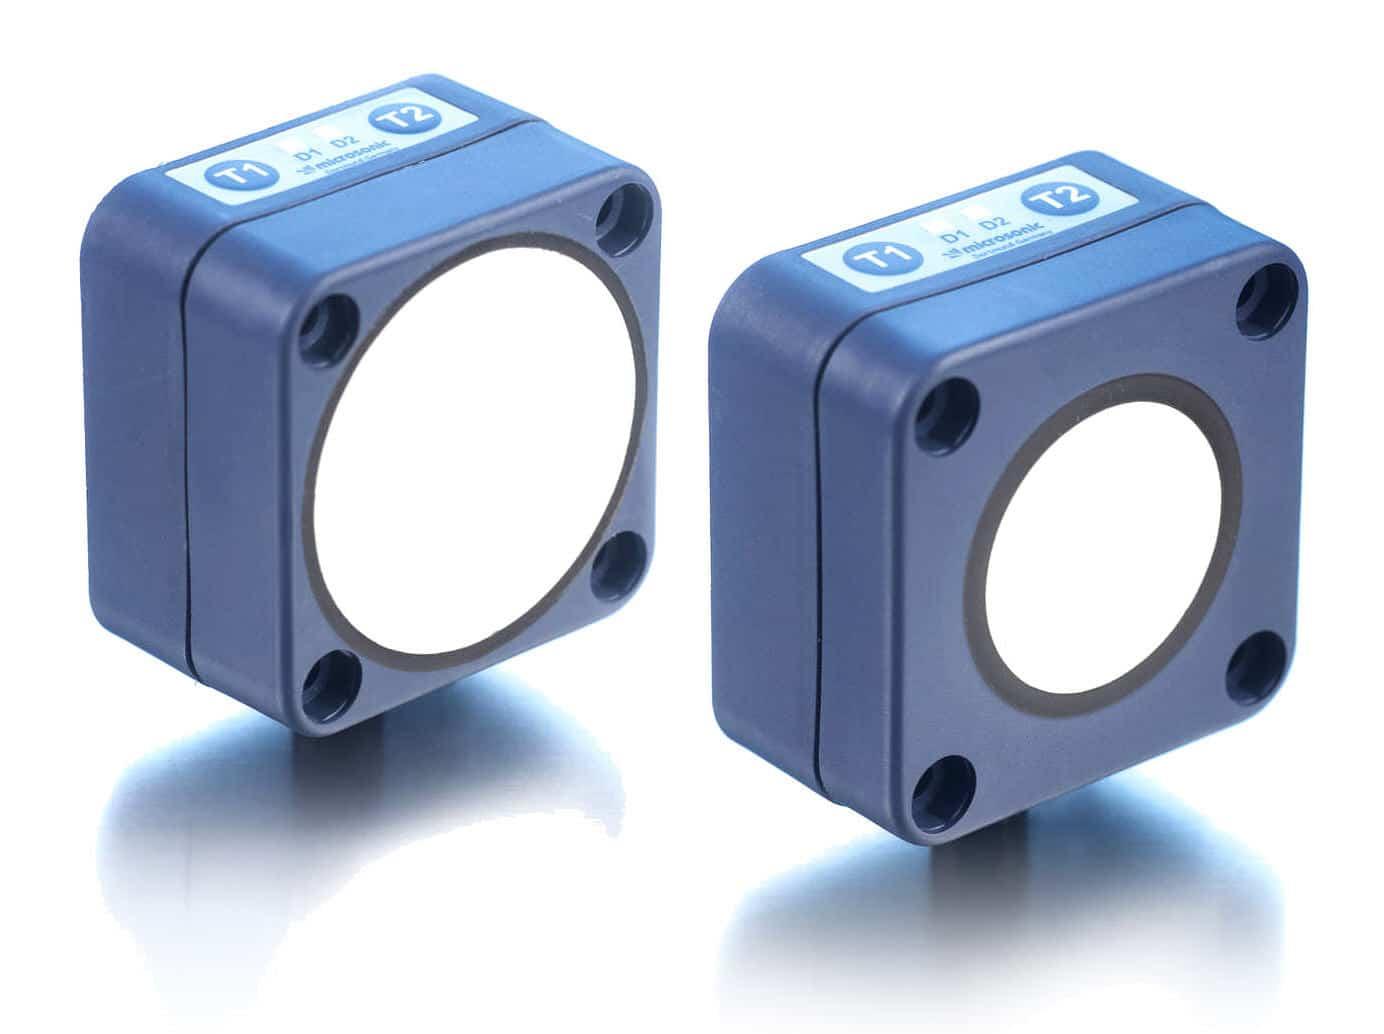 Ультразвуковые бесконтактные датчики марки microsonic